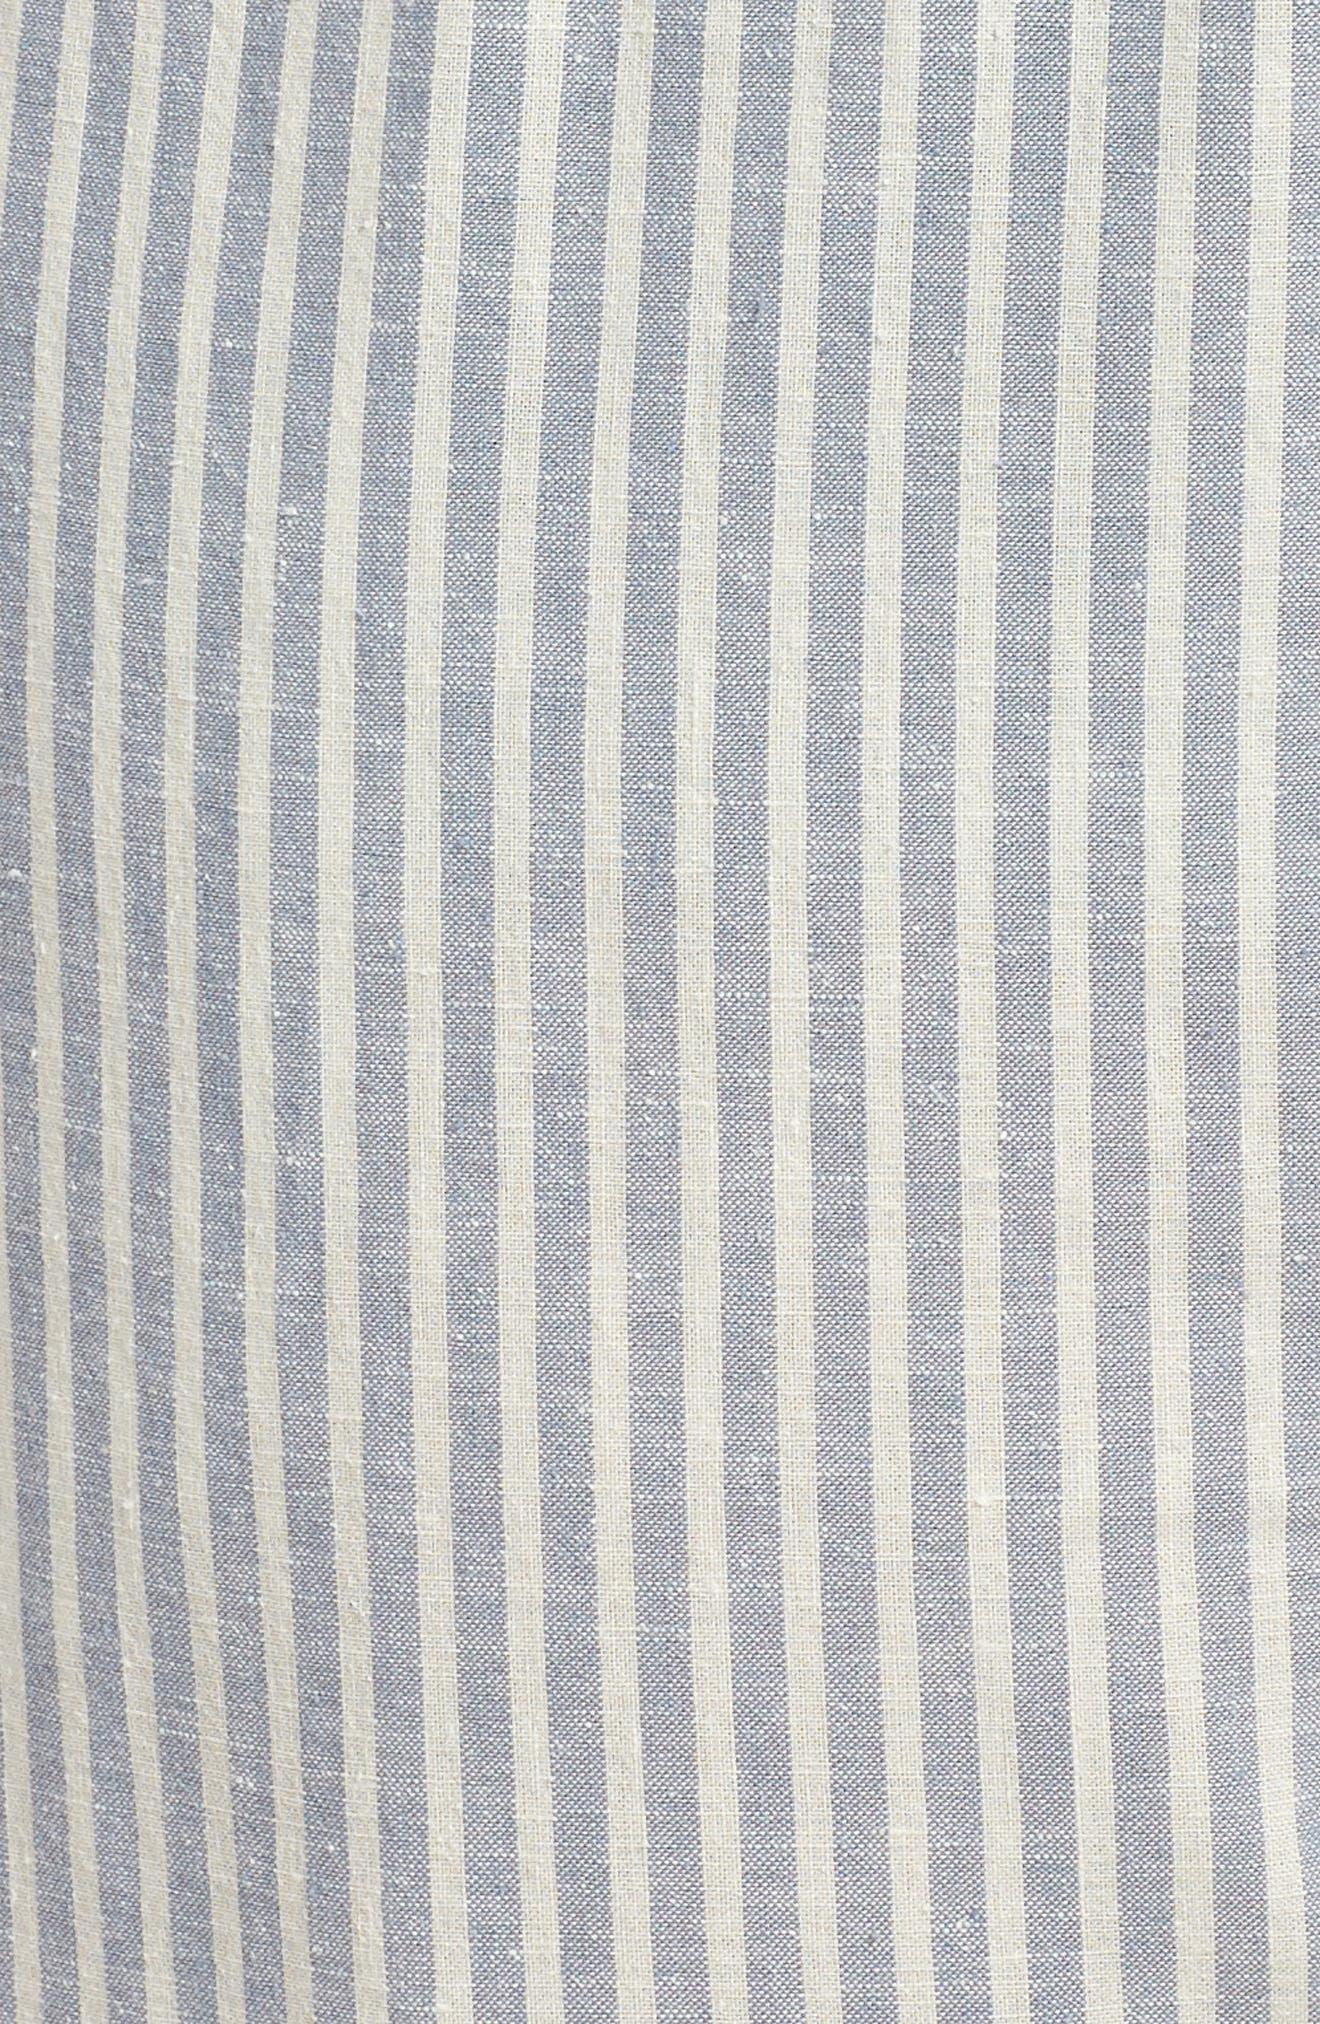 Stripe Ankle Hemp & Cotton Pants,                             Alternate thumbnail 6, color,                             Chambray